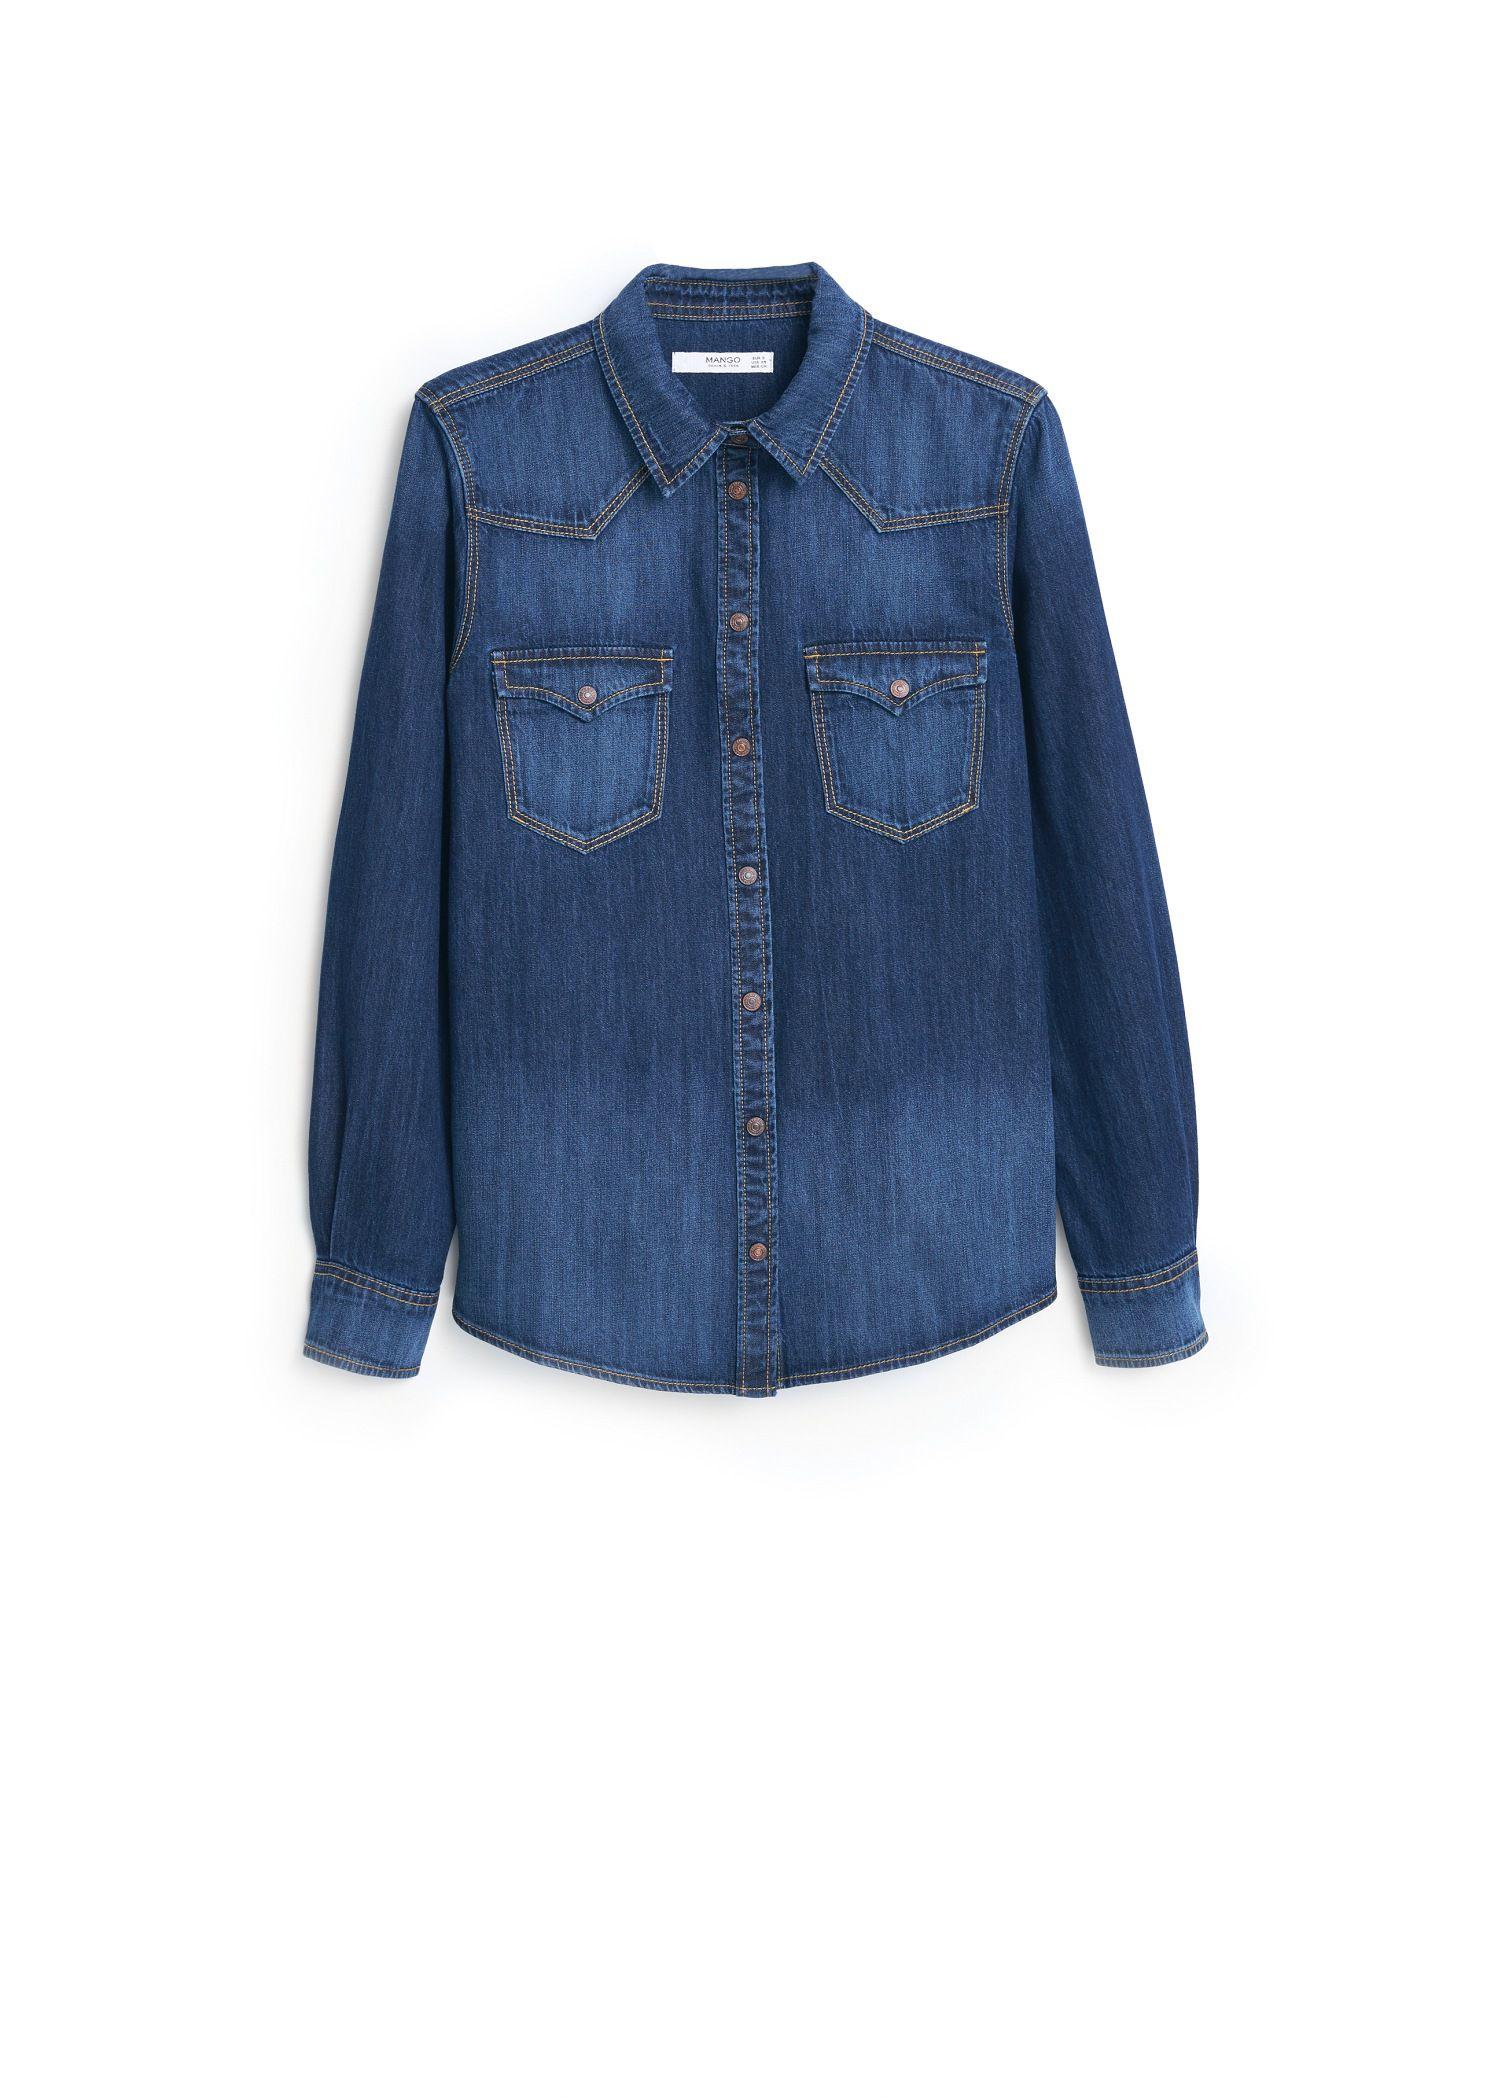 denim shirt pockets - photo #6